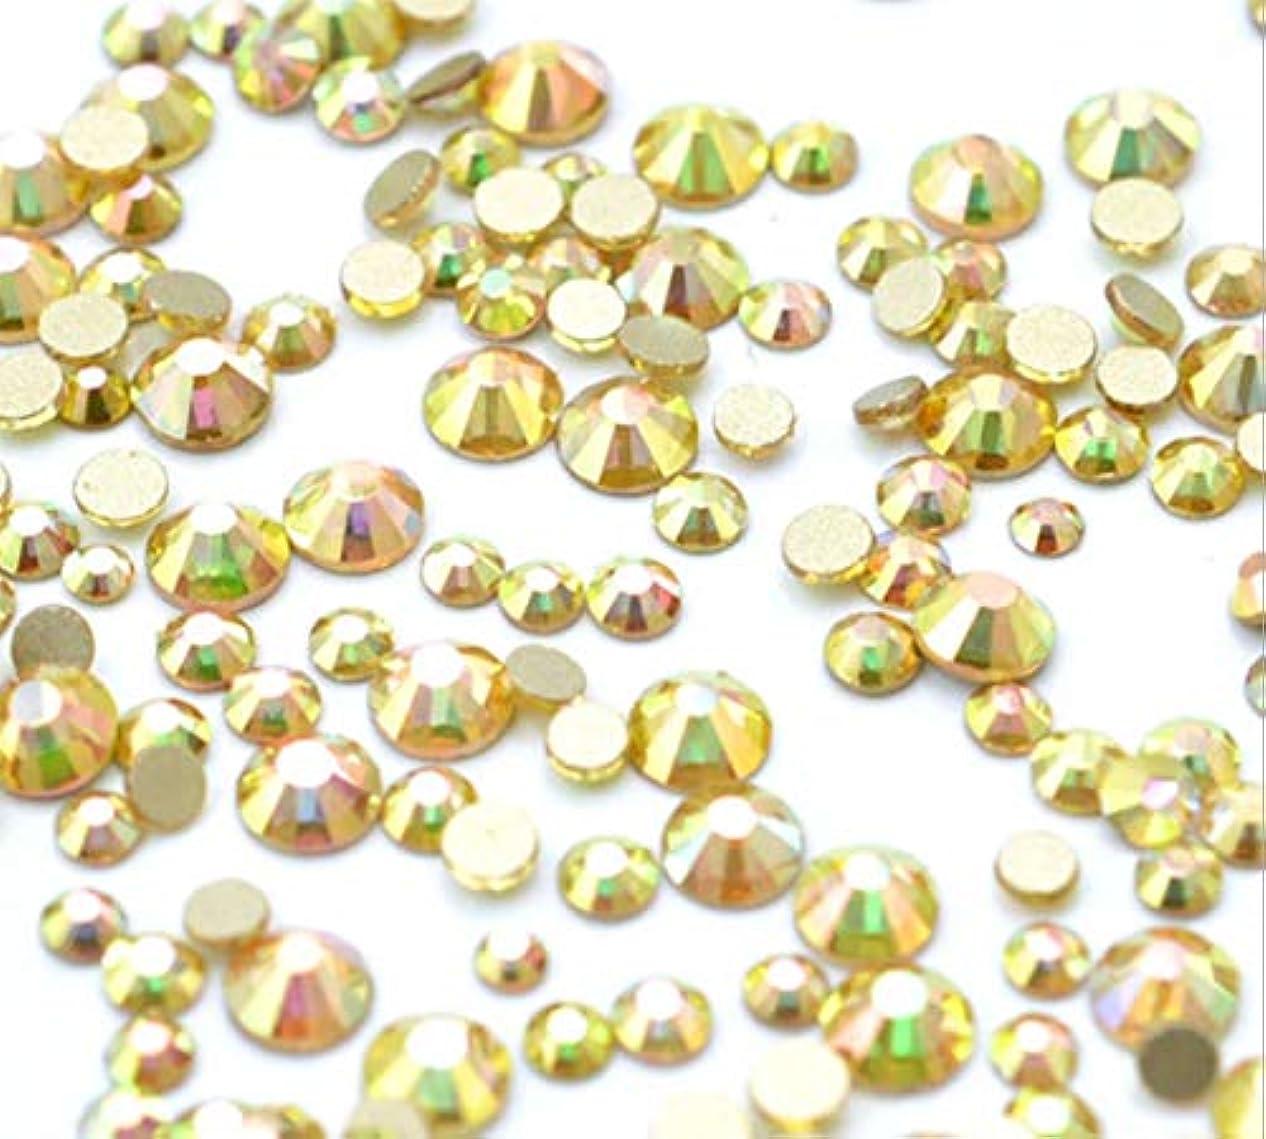 主流検索エンジンマーケティング香ばしいXIULI 大容量 カラー ラインストーン DIY ネイルを飾てと服装使用 高い採光 約3*1440=4320粒(ss3-20混合サイズ) (金属の日光4320)